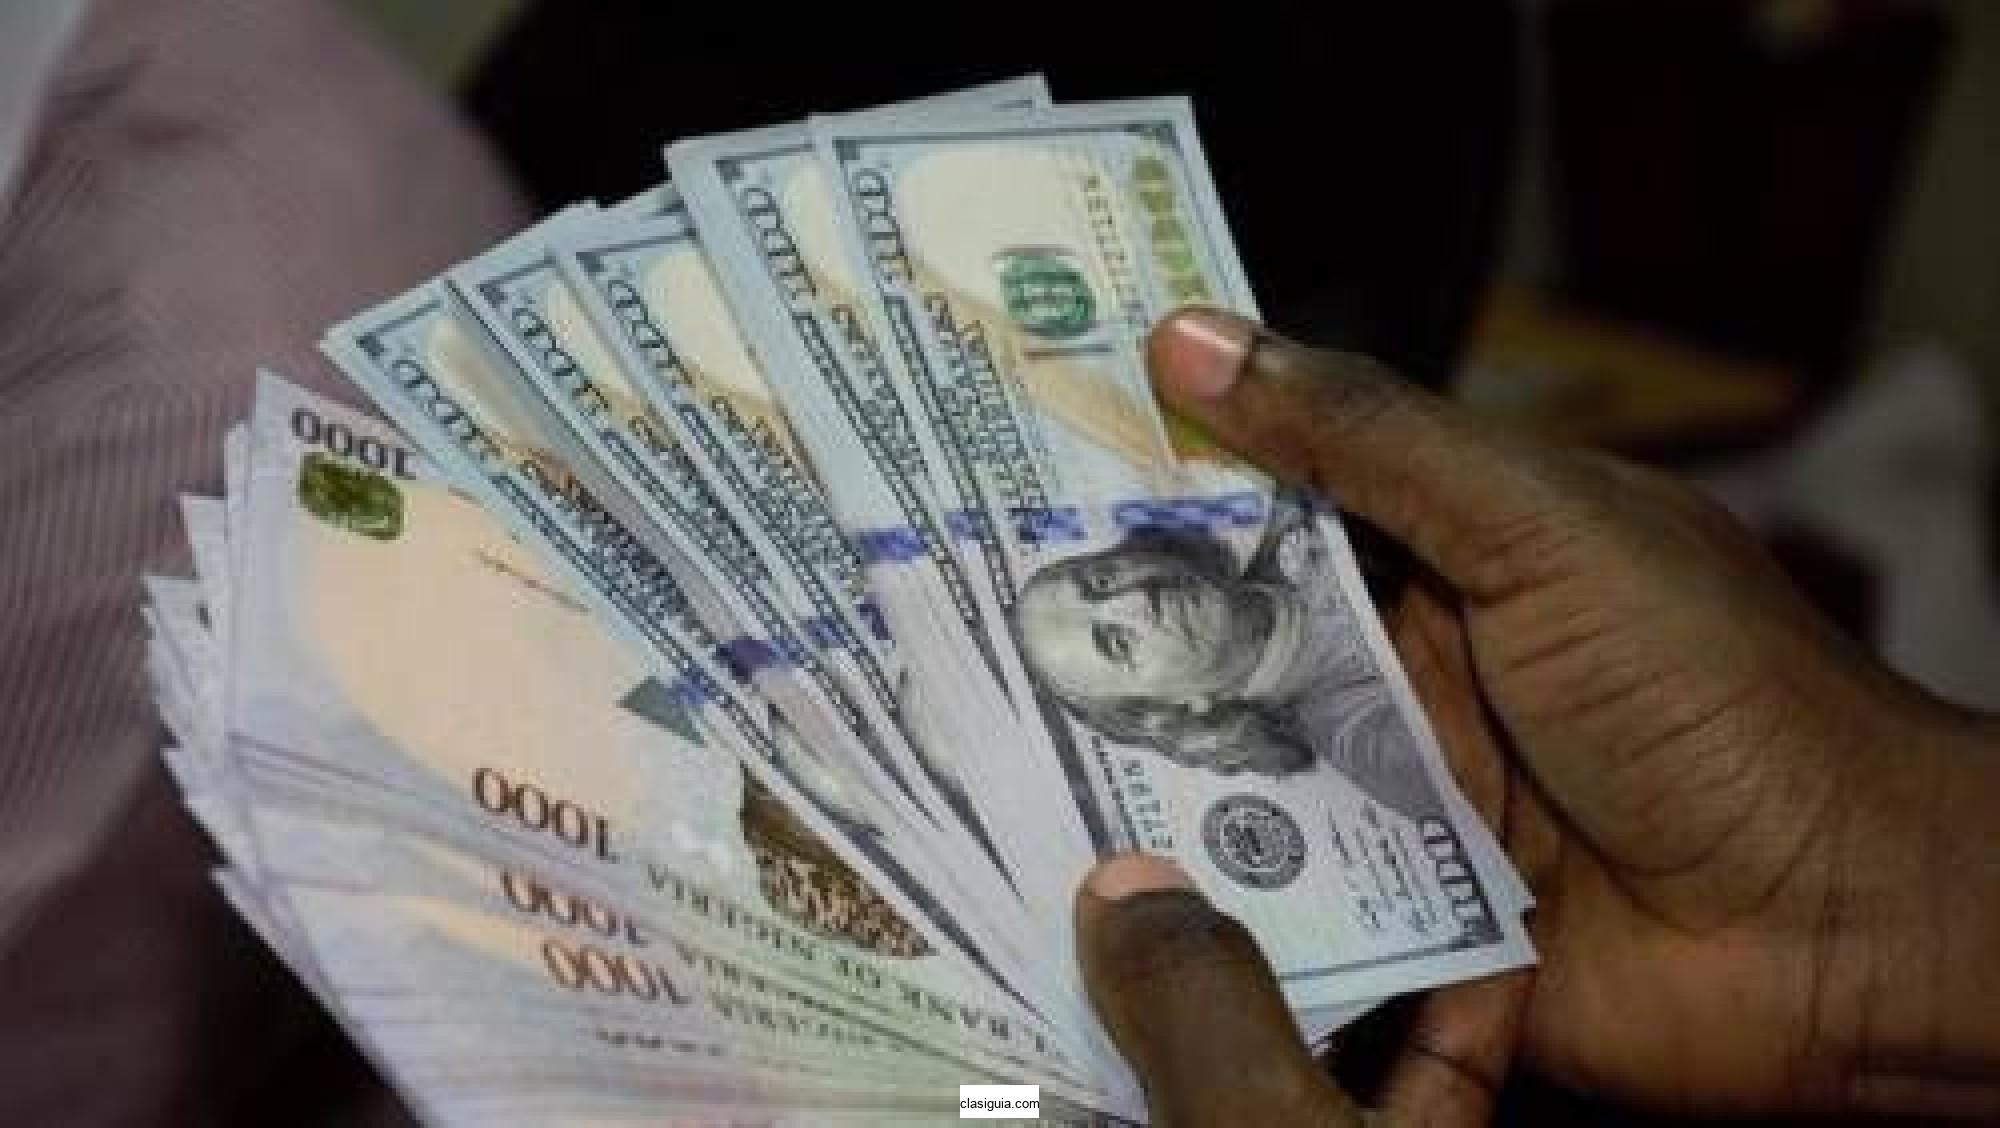 Oferta de préstamo entre bancos en 72 horas